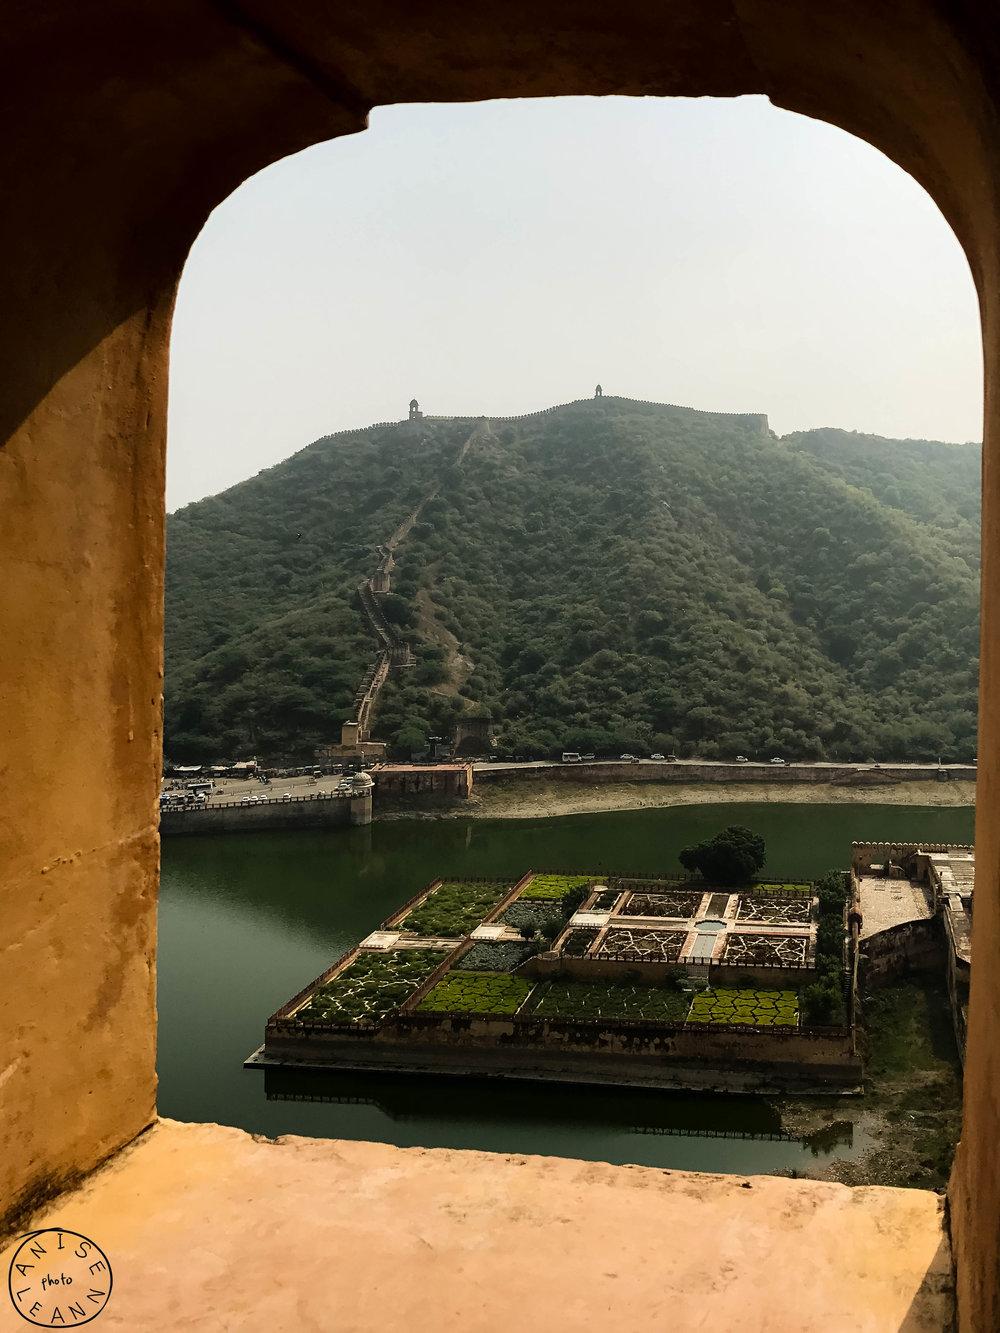 India-Jaipur-Day2-47.jpg